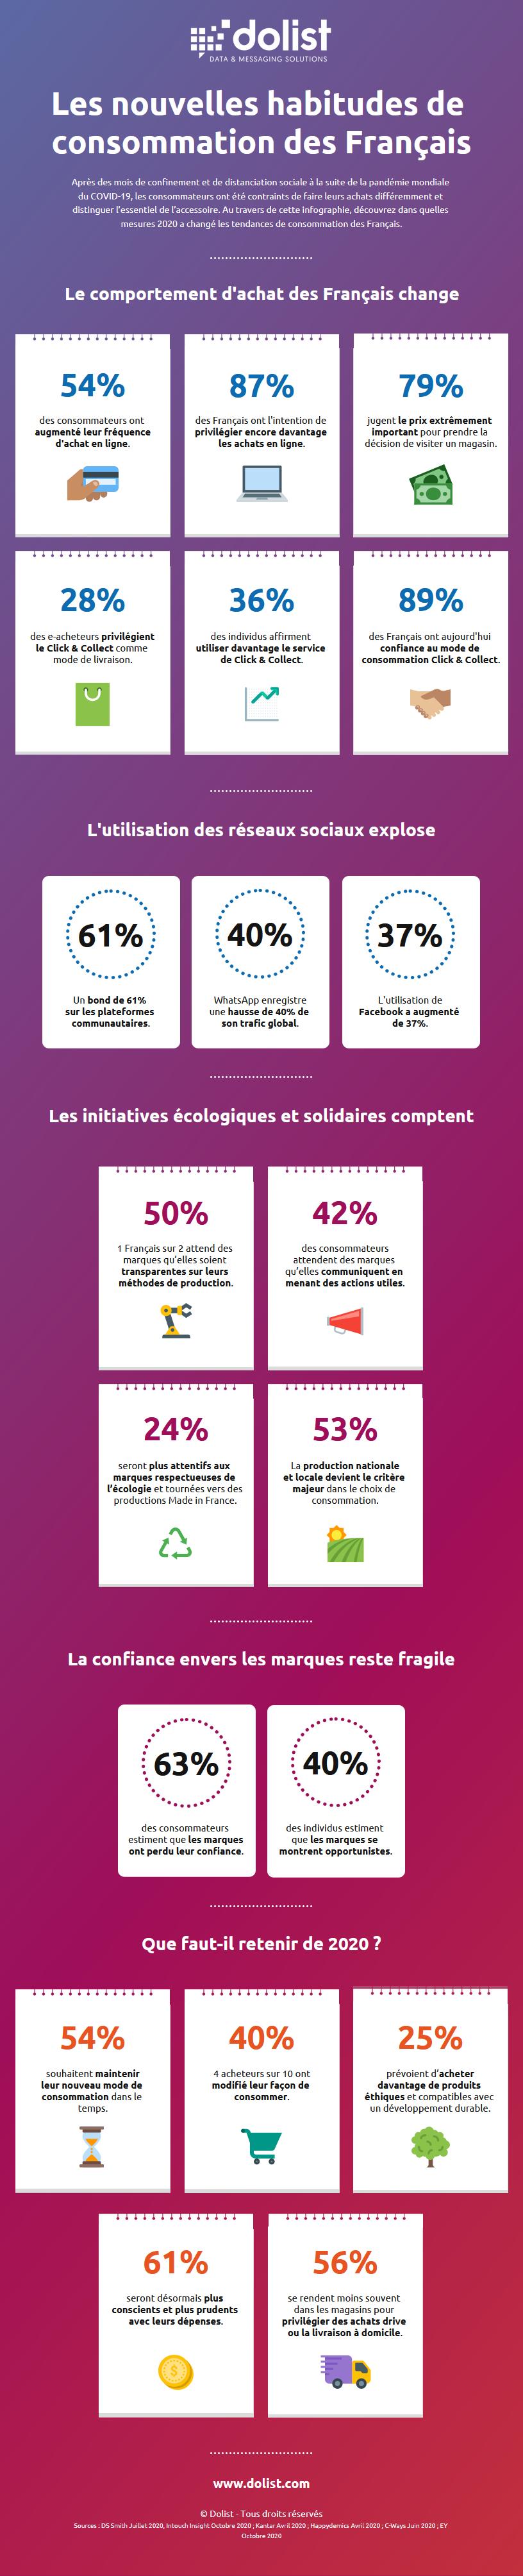 Infographie | Les nouvelles habitudes de consommation des Français